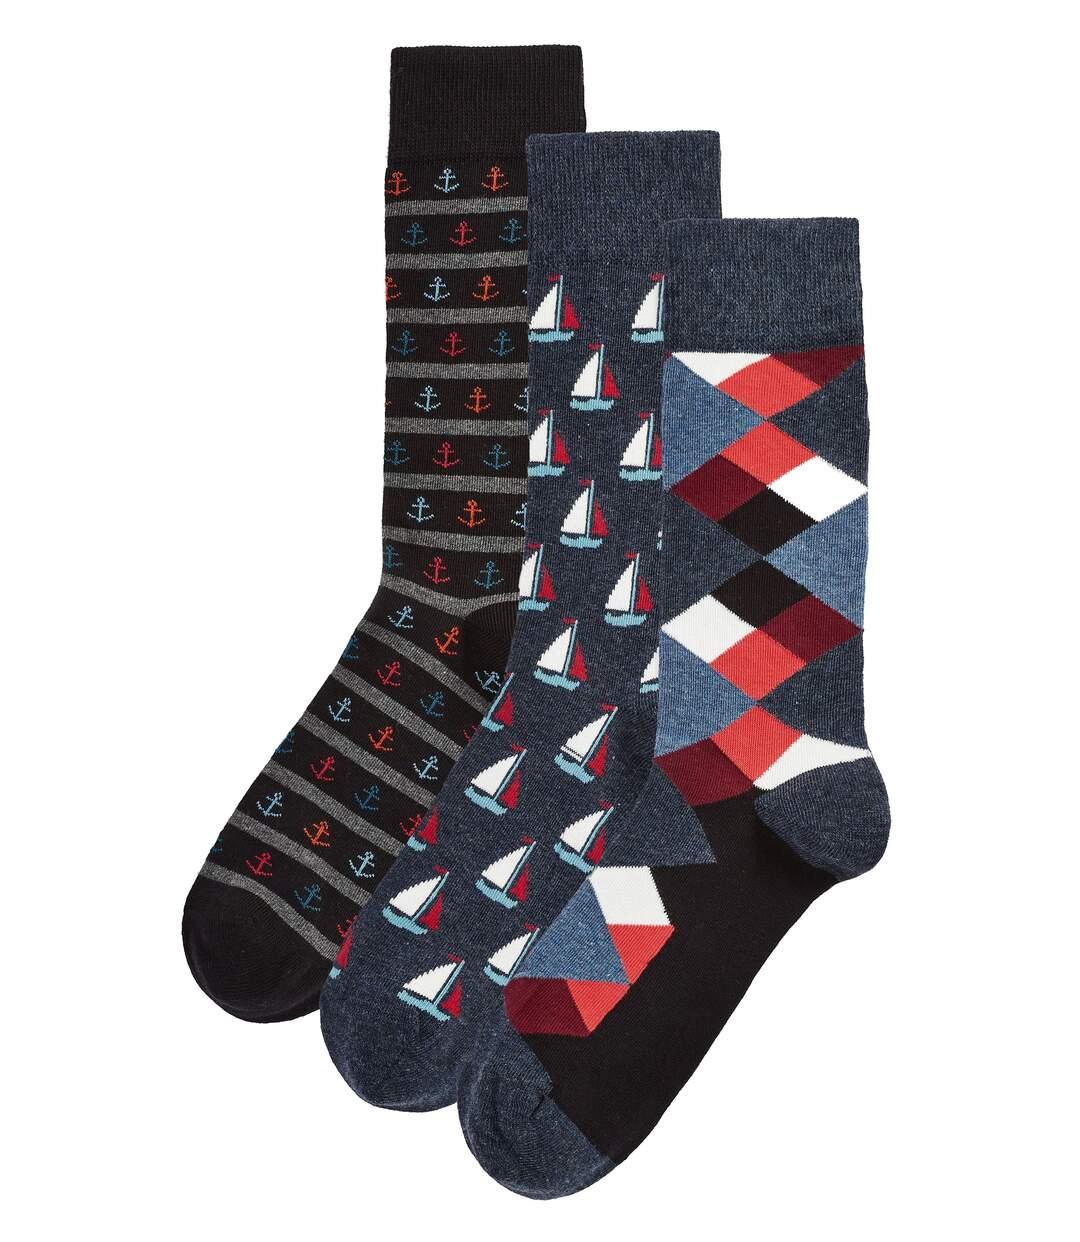 Mens 3pk Happy Colour Heel Toe Novelty Dress Socks